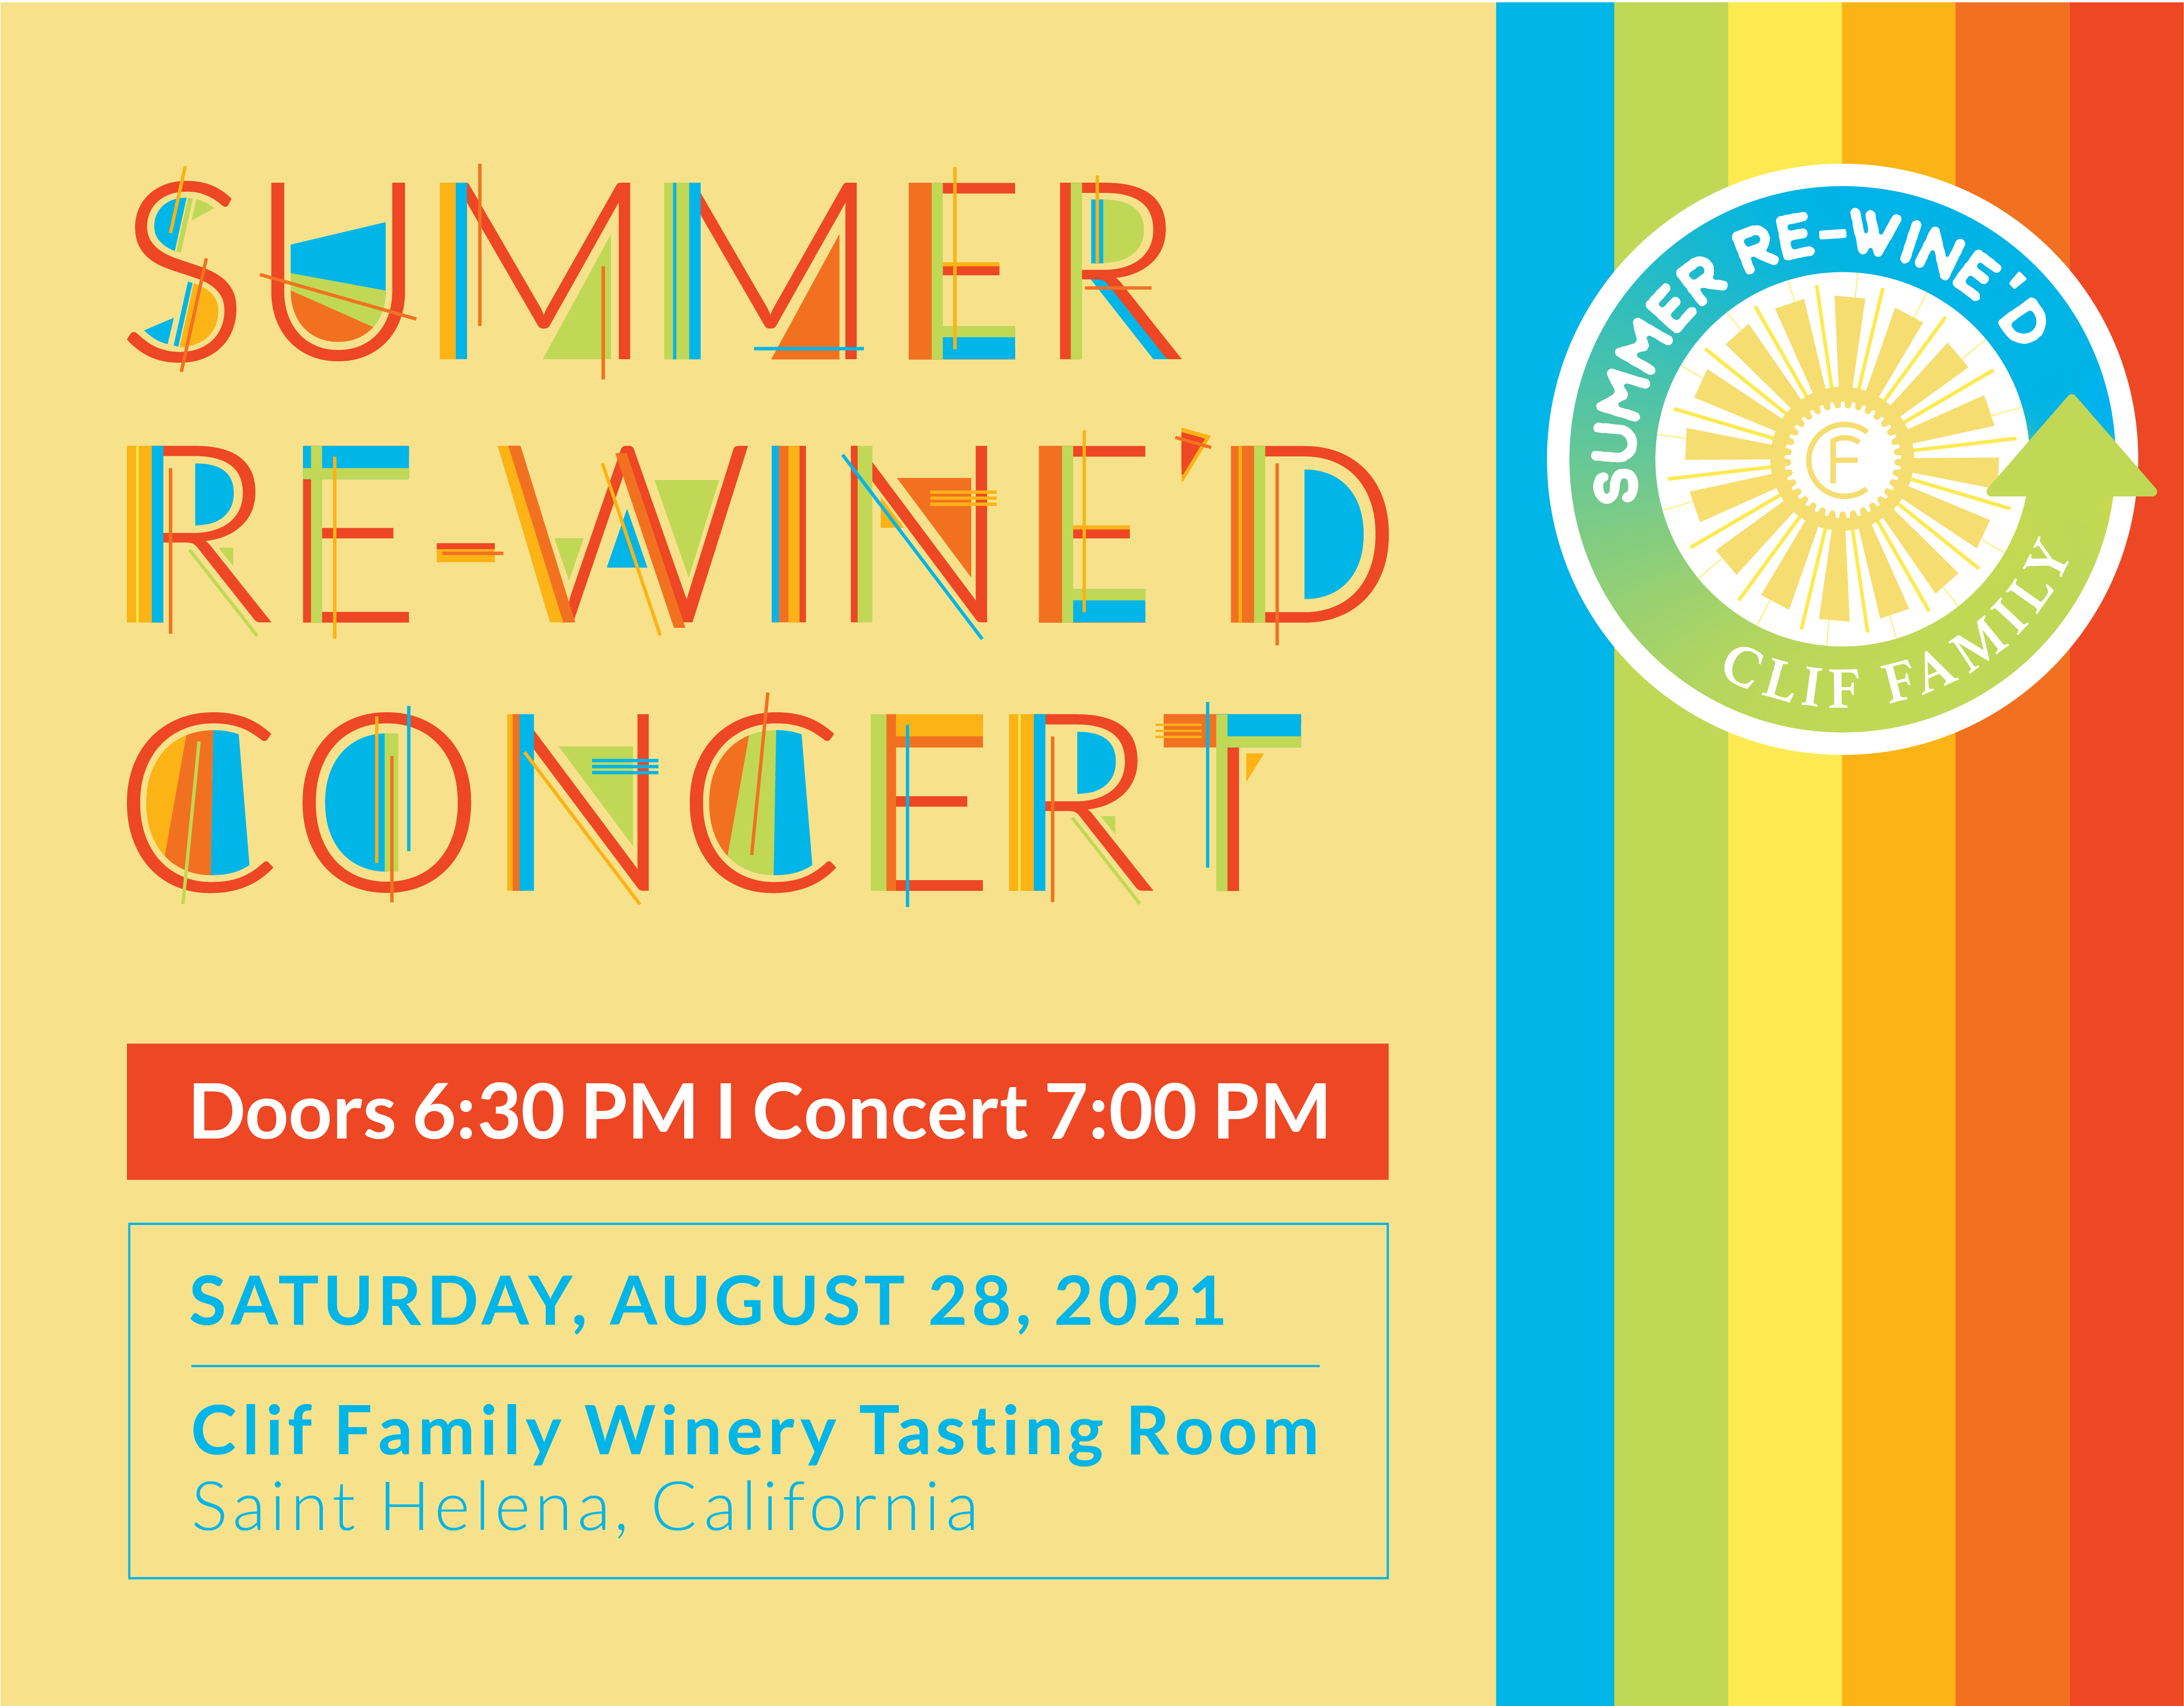 Summer Re-Wine'd Concert